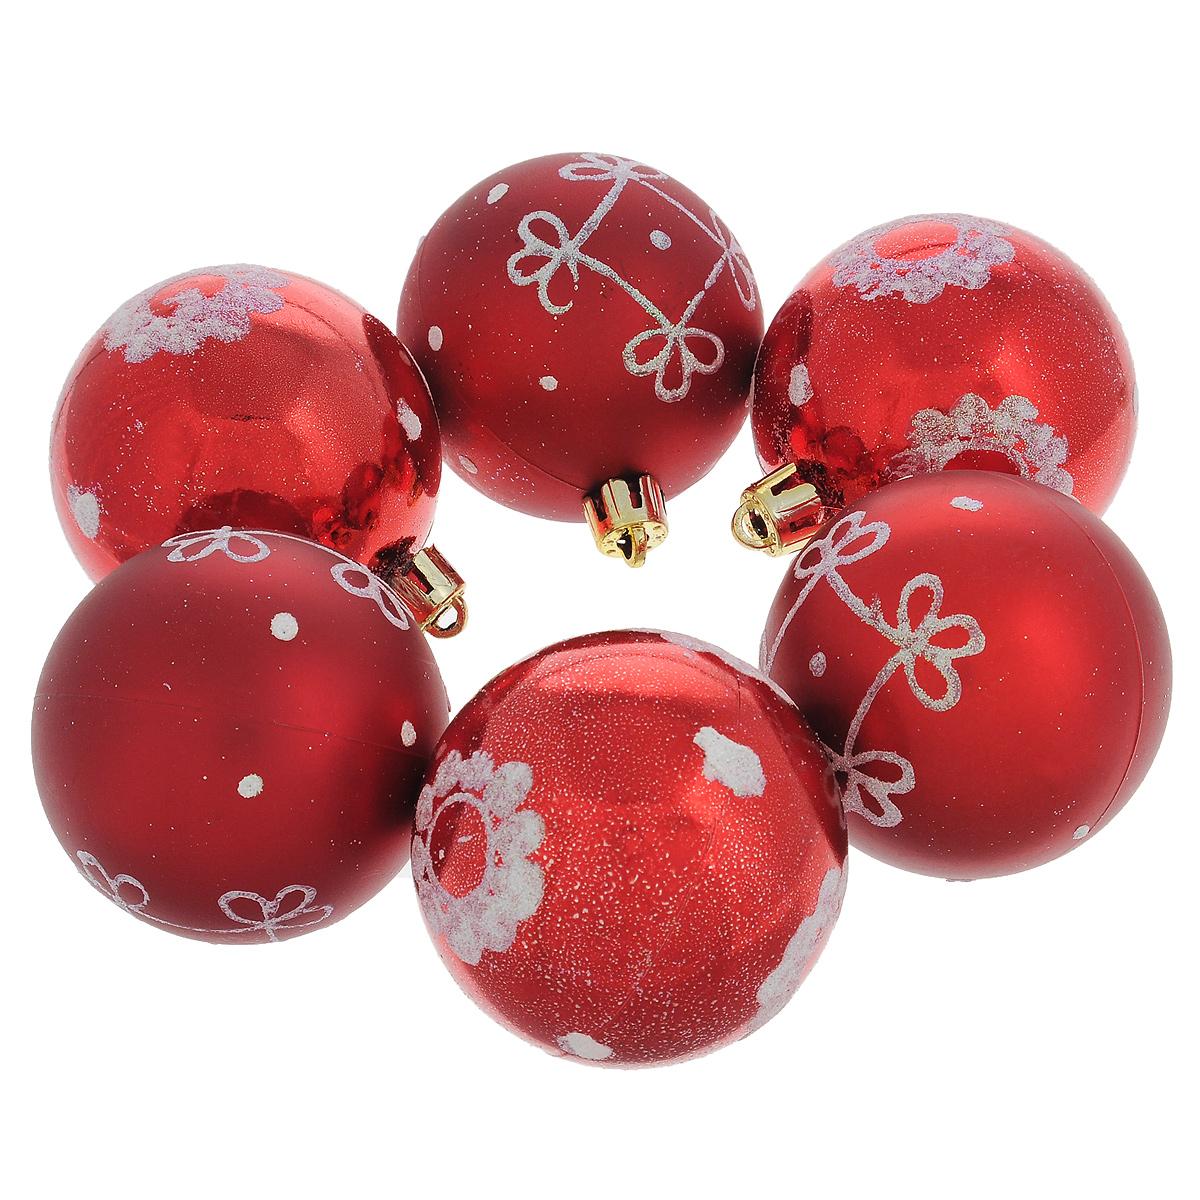 Набор новогодних подвесных украшений Шар, цвет: красный, 6 шт. 3550609840-20.000.00Набор новогодних подвесных украшений Шар прекрасно подойдет для праздничного декора новогодней ели. Состоит из шести шаров.Елочная игрушка - символ Нового года. Она несет в себе волшебство и красоту праздника. Создайте в своем доме атмосферу веселья и радости, украшая новогоднюю елку нарядными игрушками, которые будут из года в год накапливать теплоту воспоминаний. Коллекция декоративных украшений принесет в ваш дом ни с чем несравнимое ощущение волшебства! Откройте для себя удивительный мир сказок и грез. Почувствуйте волшебные минуты ожидания праздника, создайте новогоднее настроение вашим дорогим и близким.